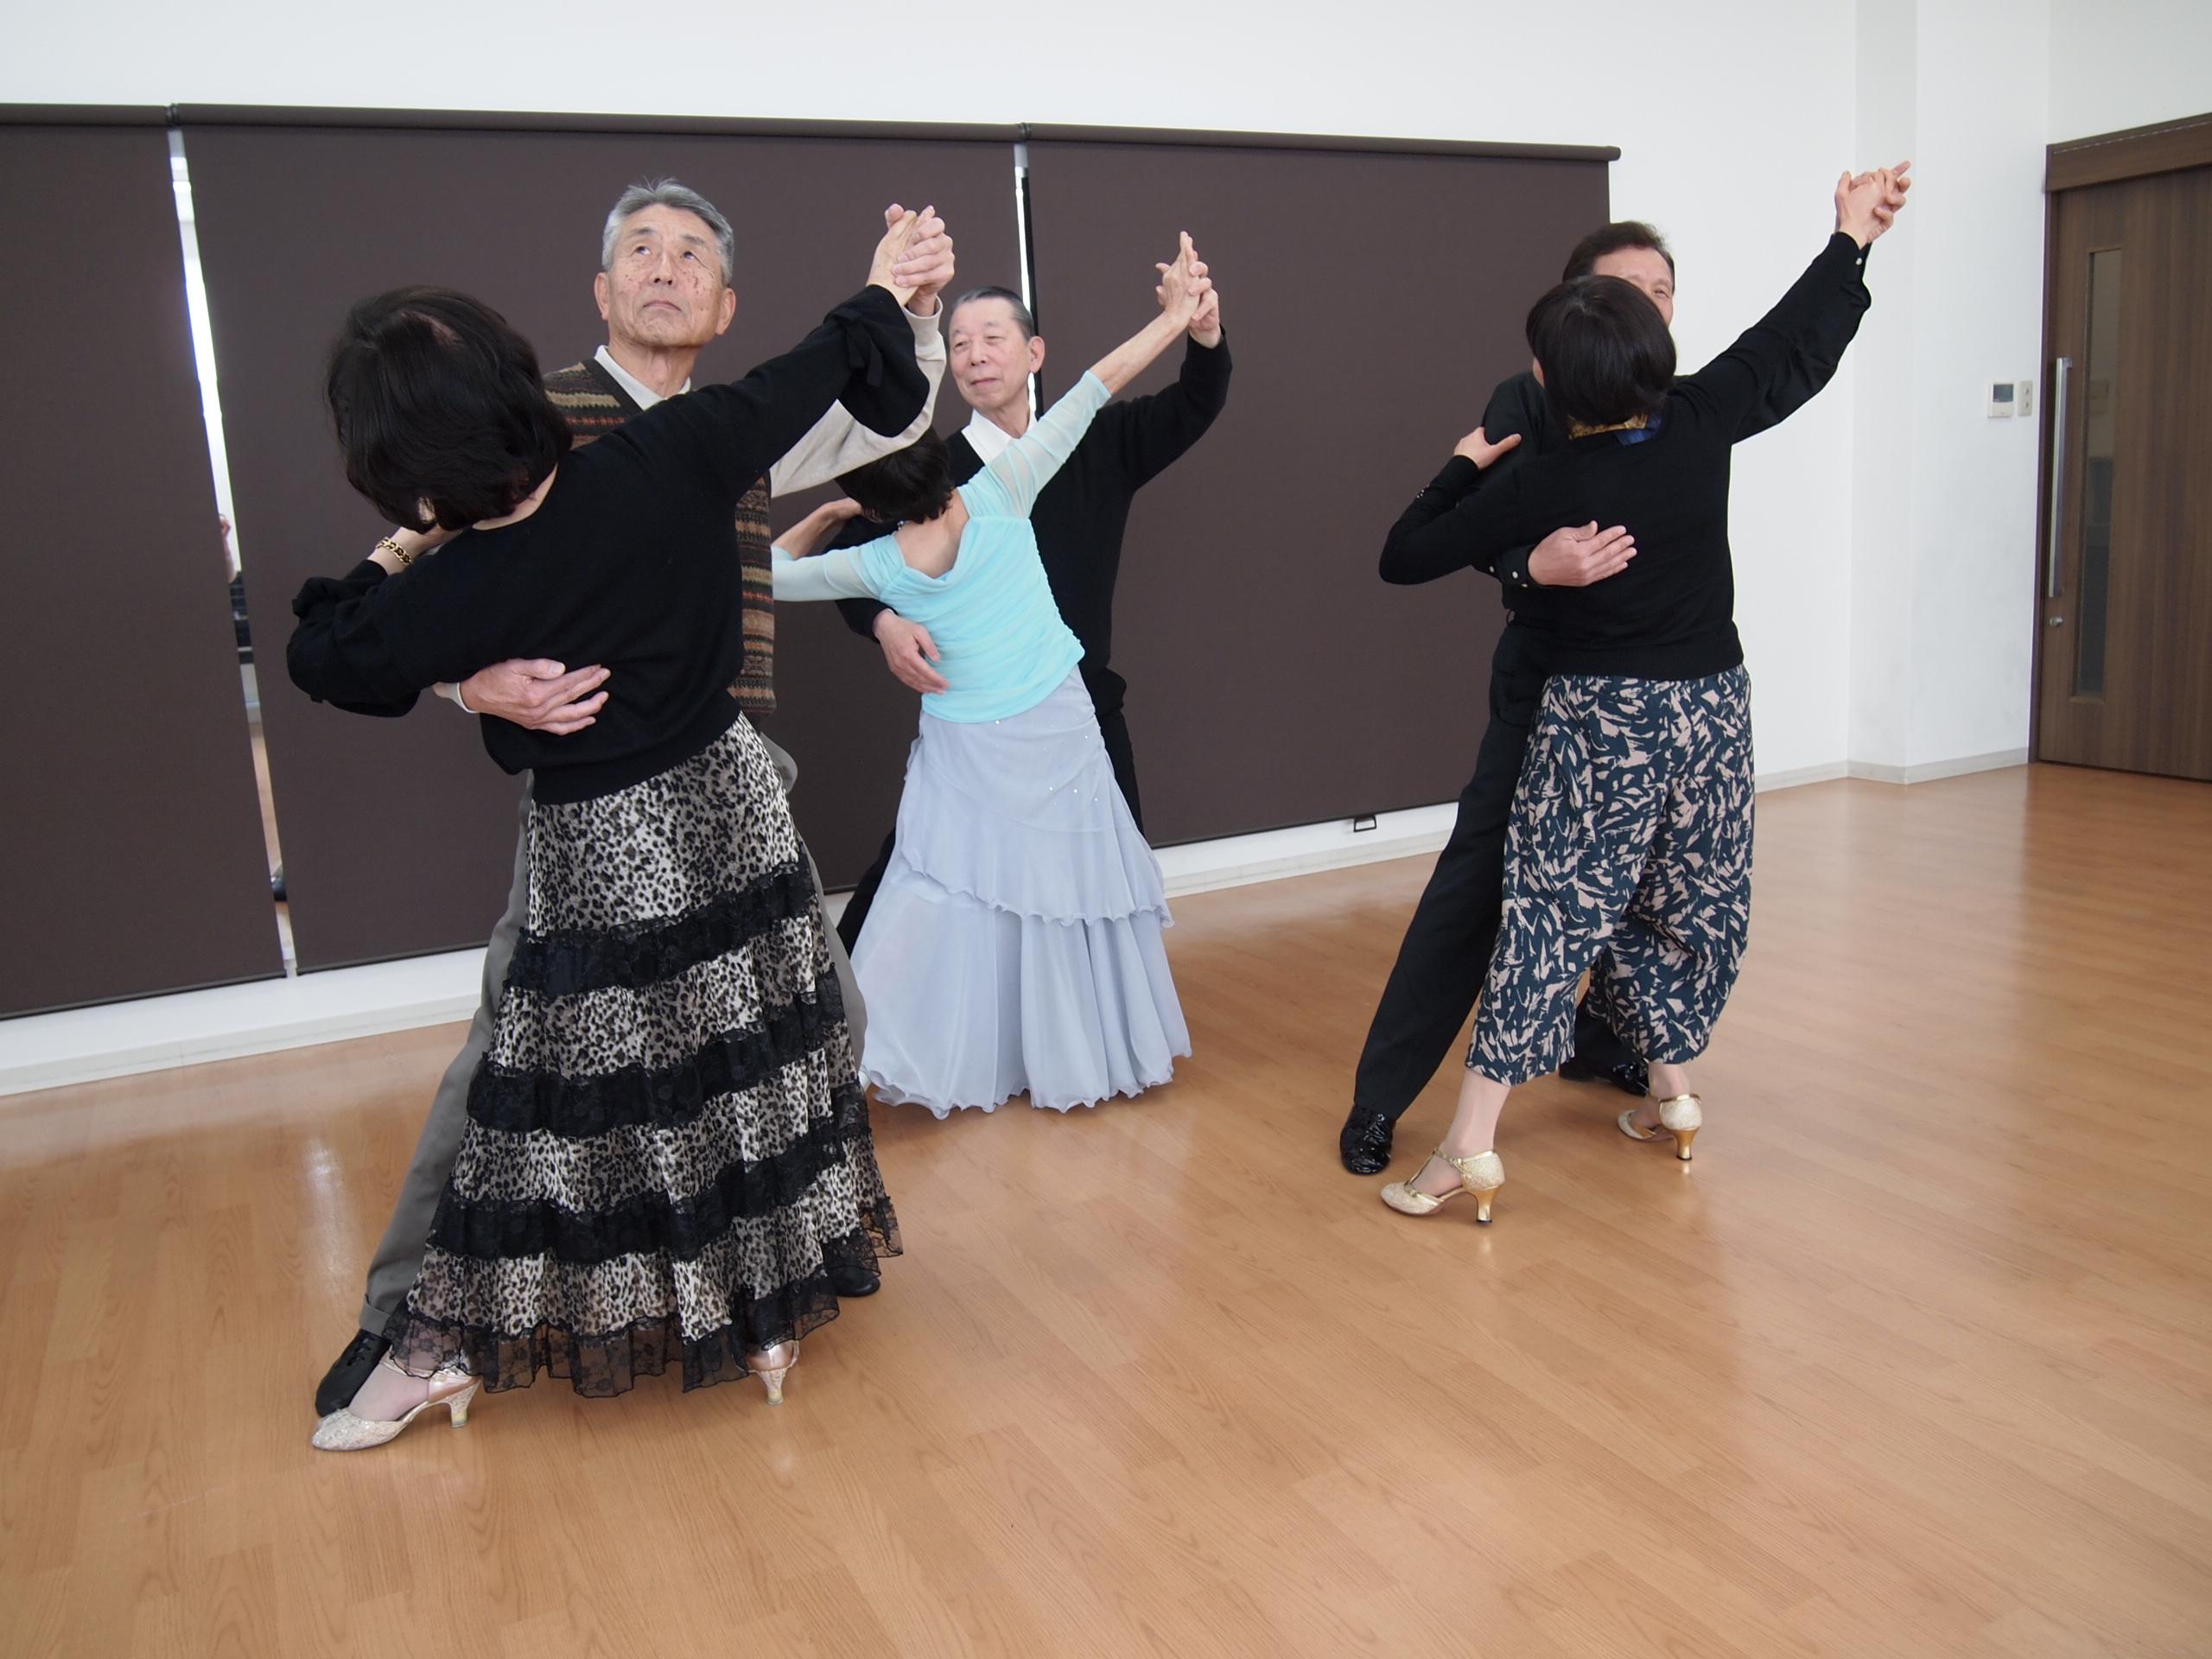 体験:社交ダンス・1日体験教室 【土曜クラス】 4月